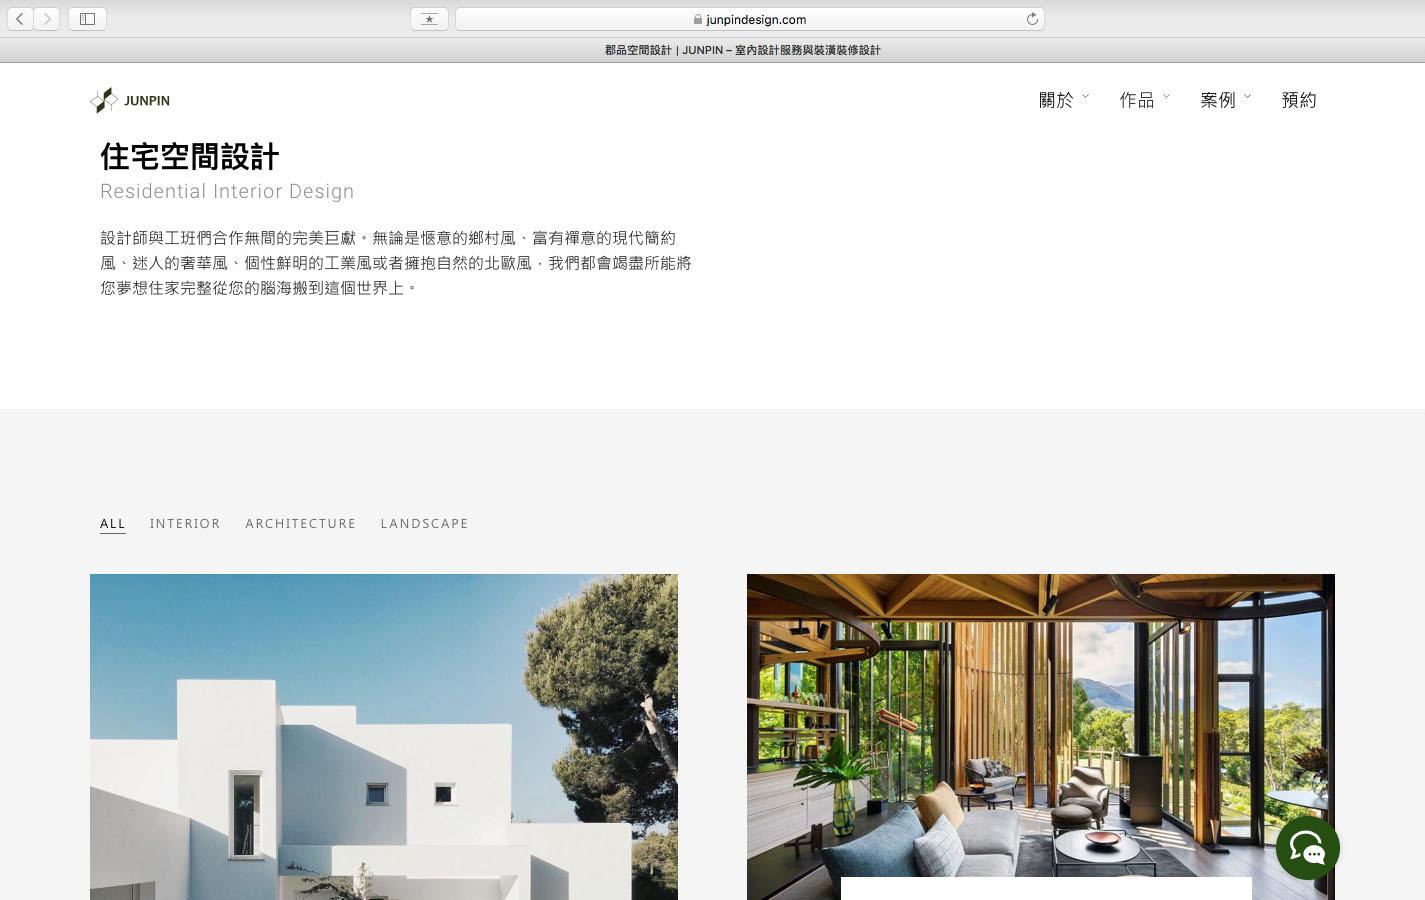 室內設計網站範例,「網頁設計作品」,網頁設計,公司,junpin,郡品,室內設計,空間設計,網頁設計,網頁設計推薦,形象網頁設計